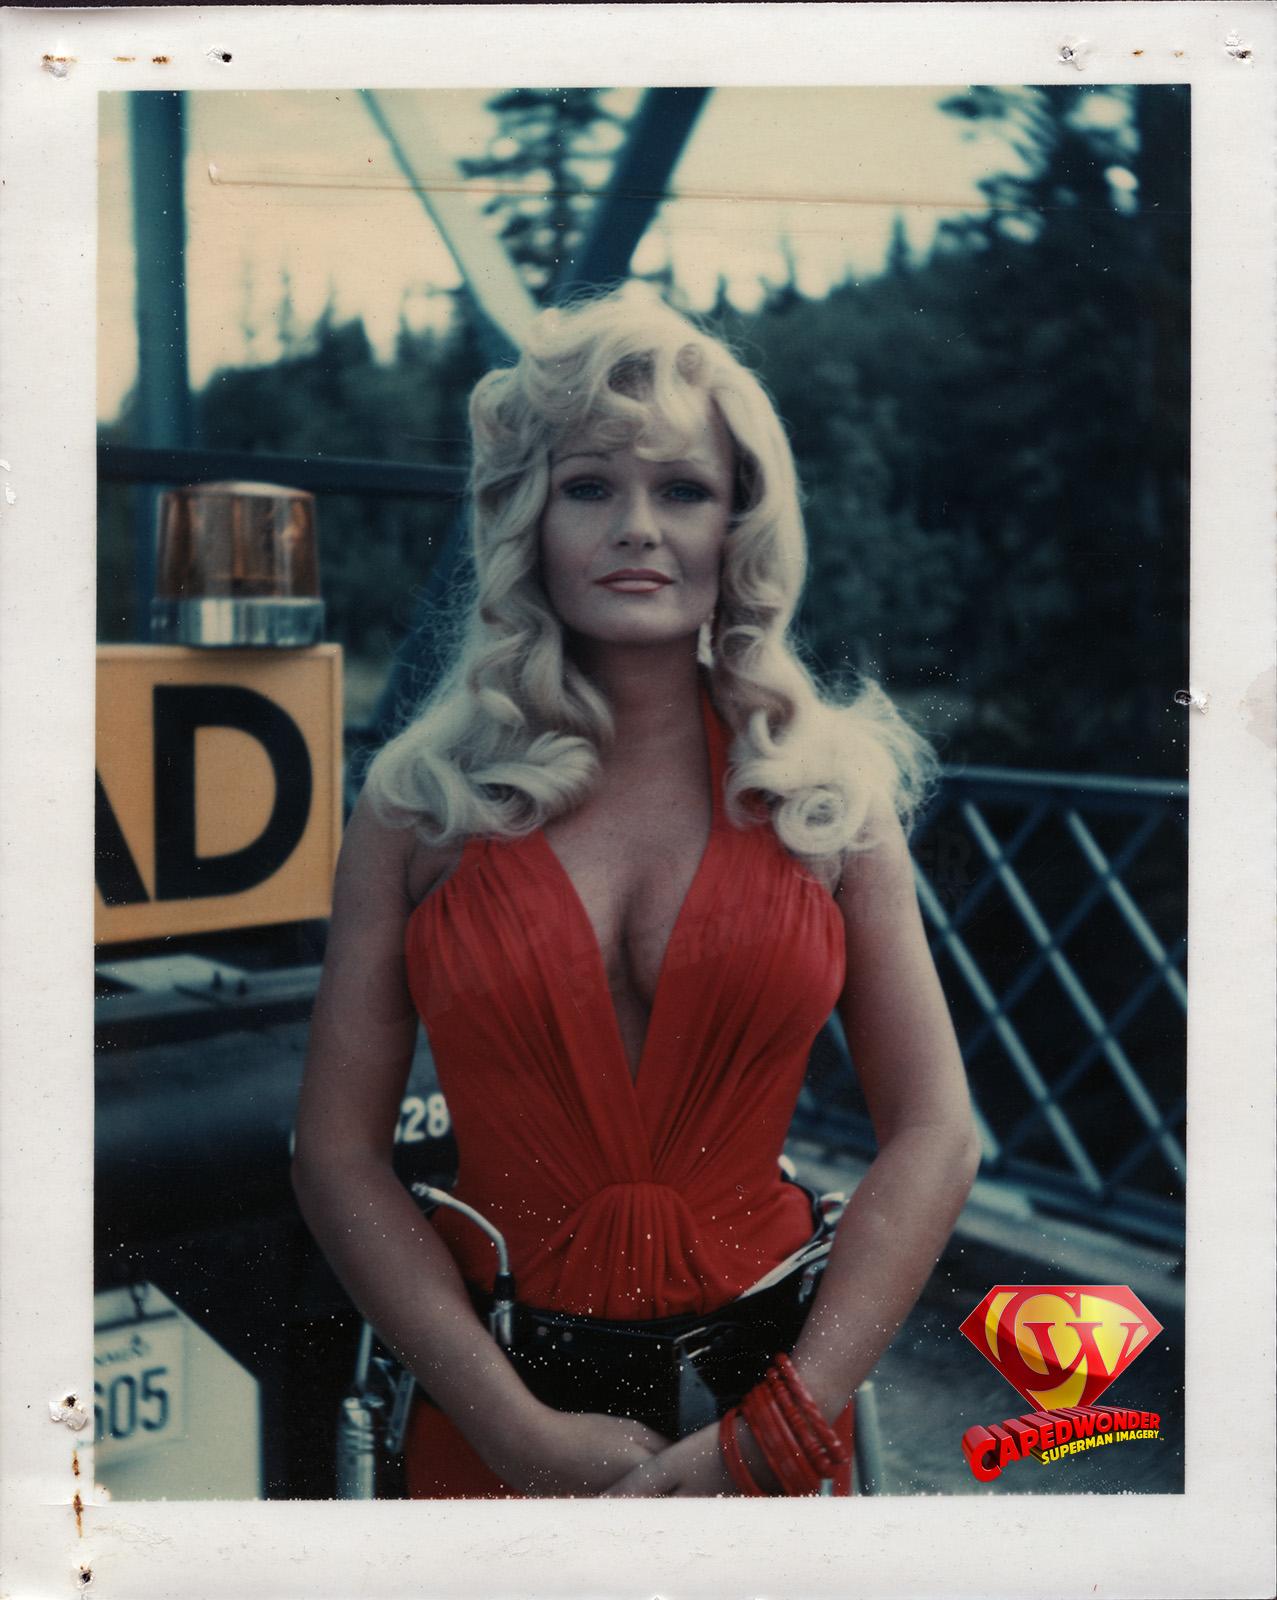 CW-STM-Canada-Rockies-bridge-Valerie-Perrine-Polaroid-2